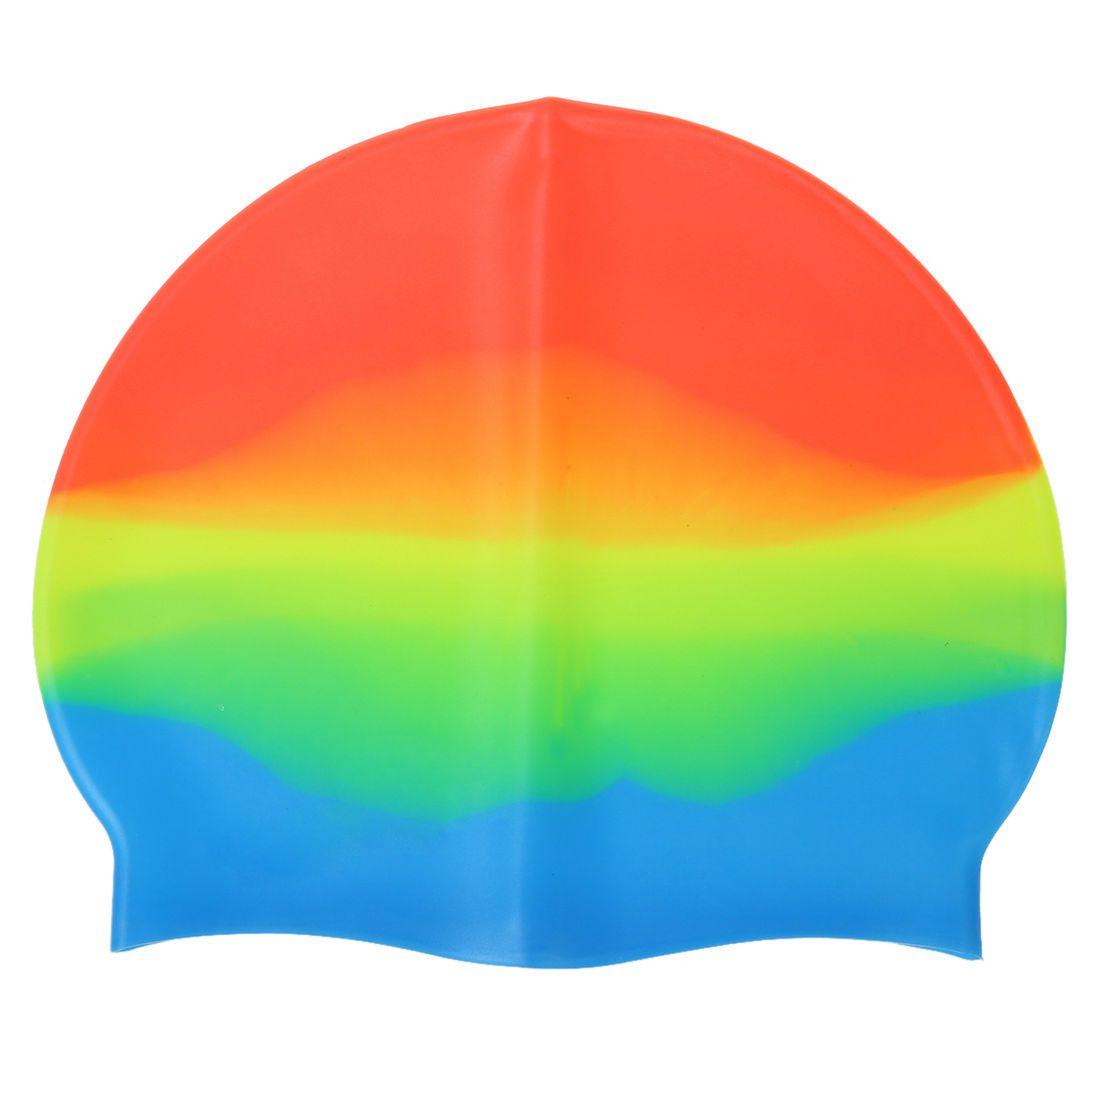 새로운 판매 성인 실리콘 수영 모자 다채로운 스트레칭 수영 모자